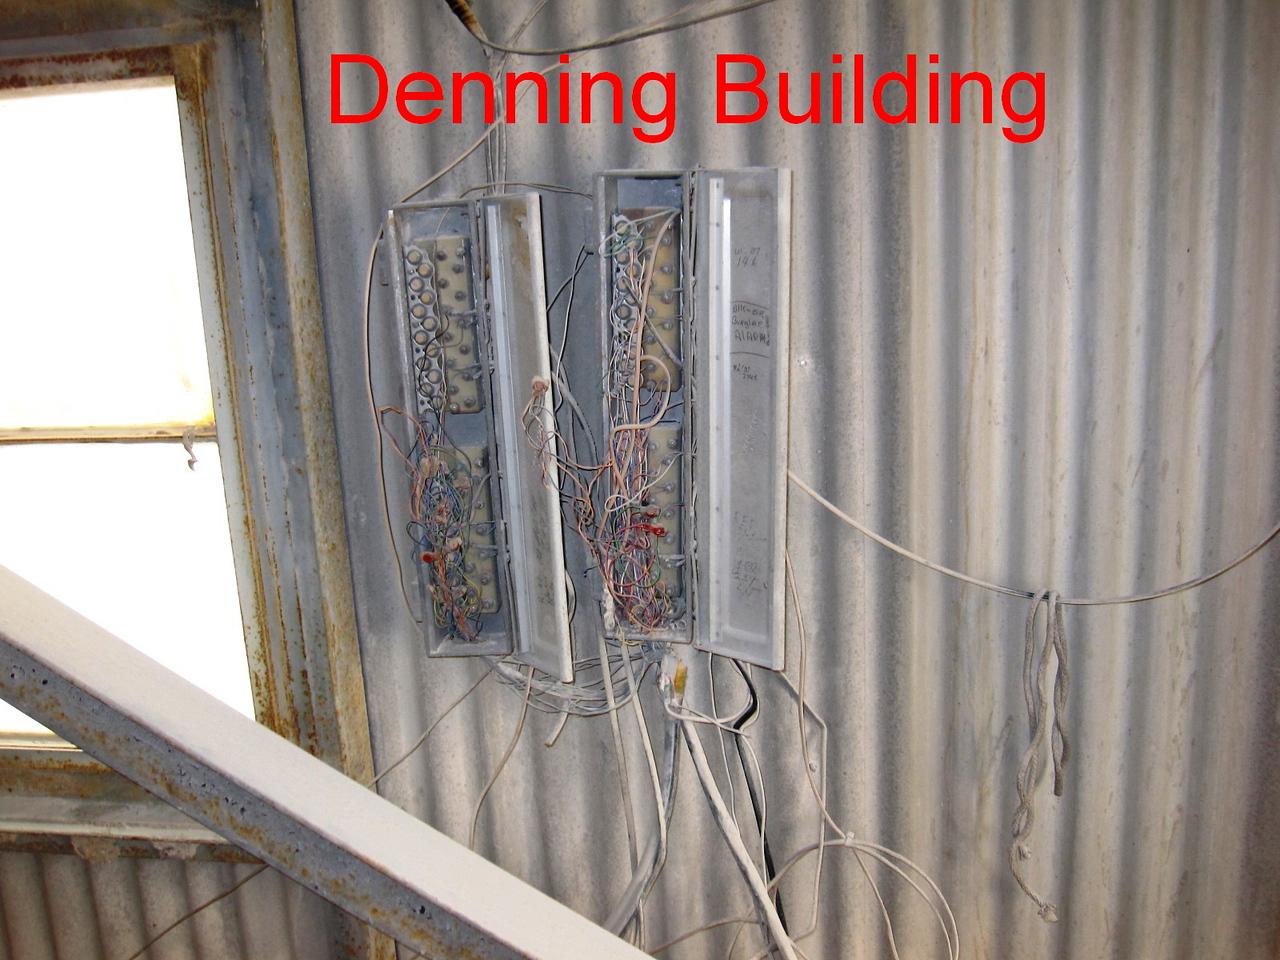 Denning Building junction box